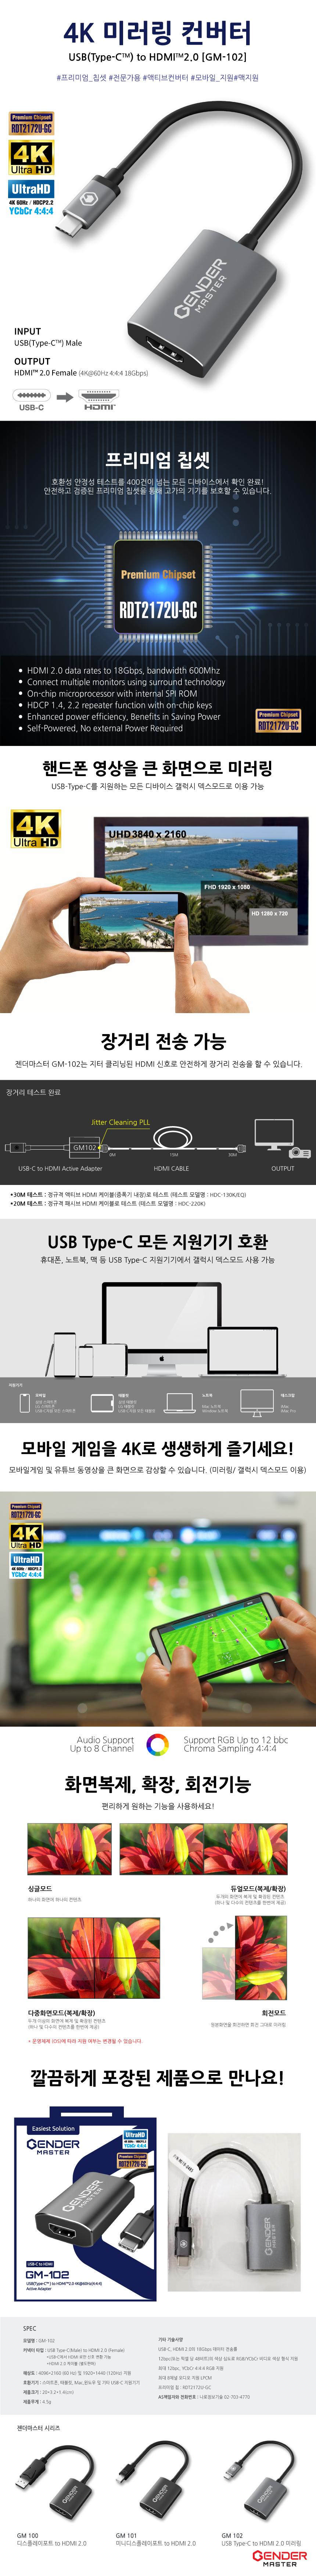 나로정보기술 젠더마스터 Type C to HDMI 미러링 컨버터 (GM-102)